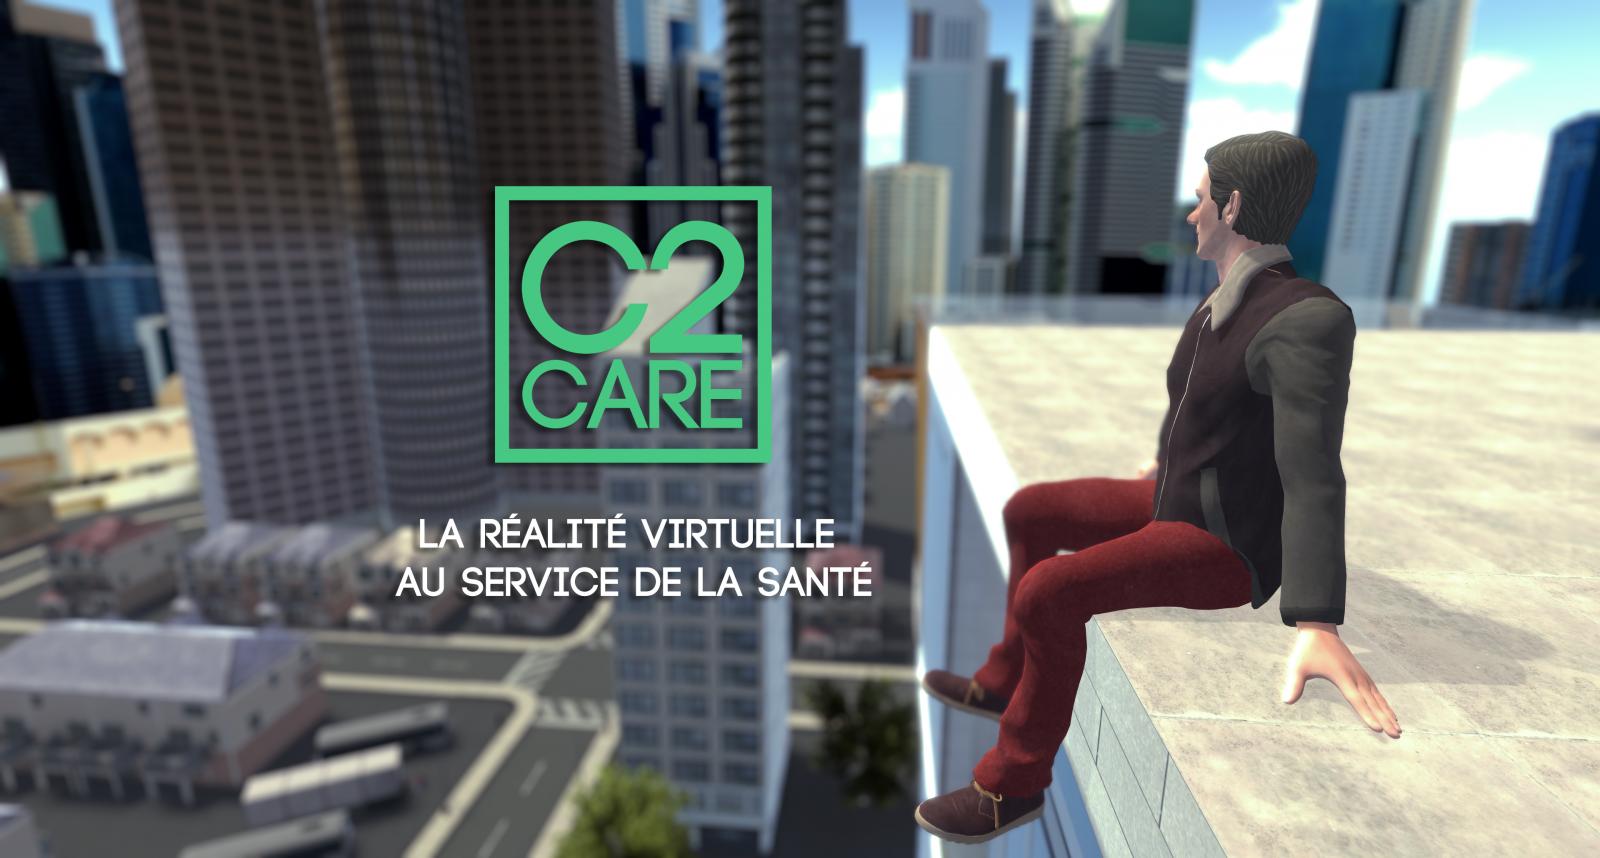 LA RÉALITÉ VIRTUELLE AU SERVICE DE LA SANTÉ !